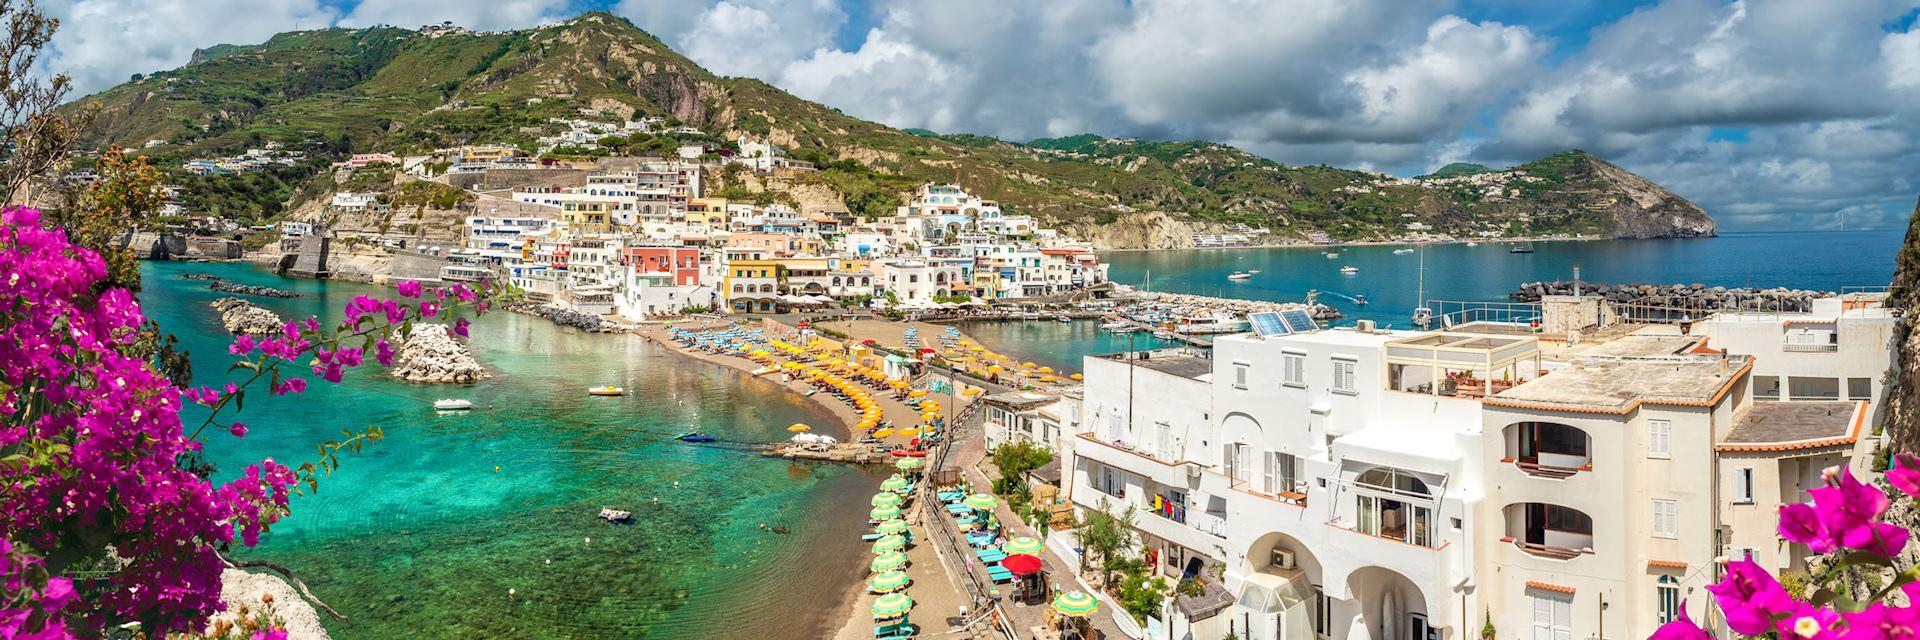 Coastal scenery of Ischia